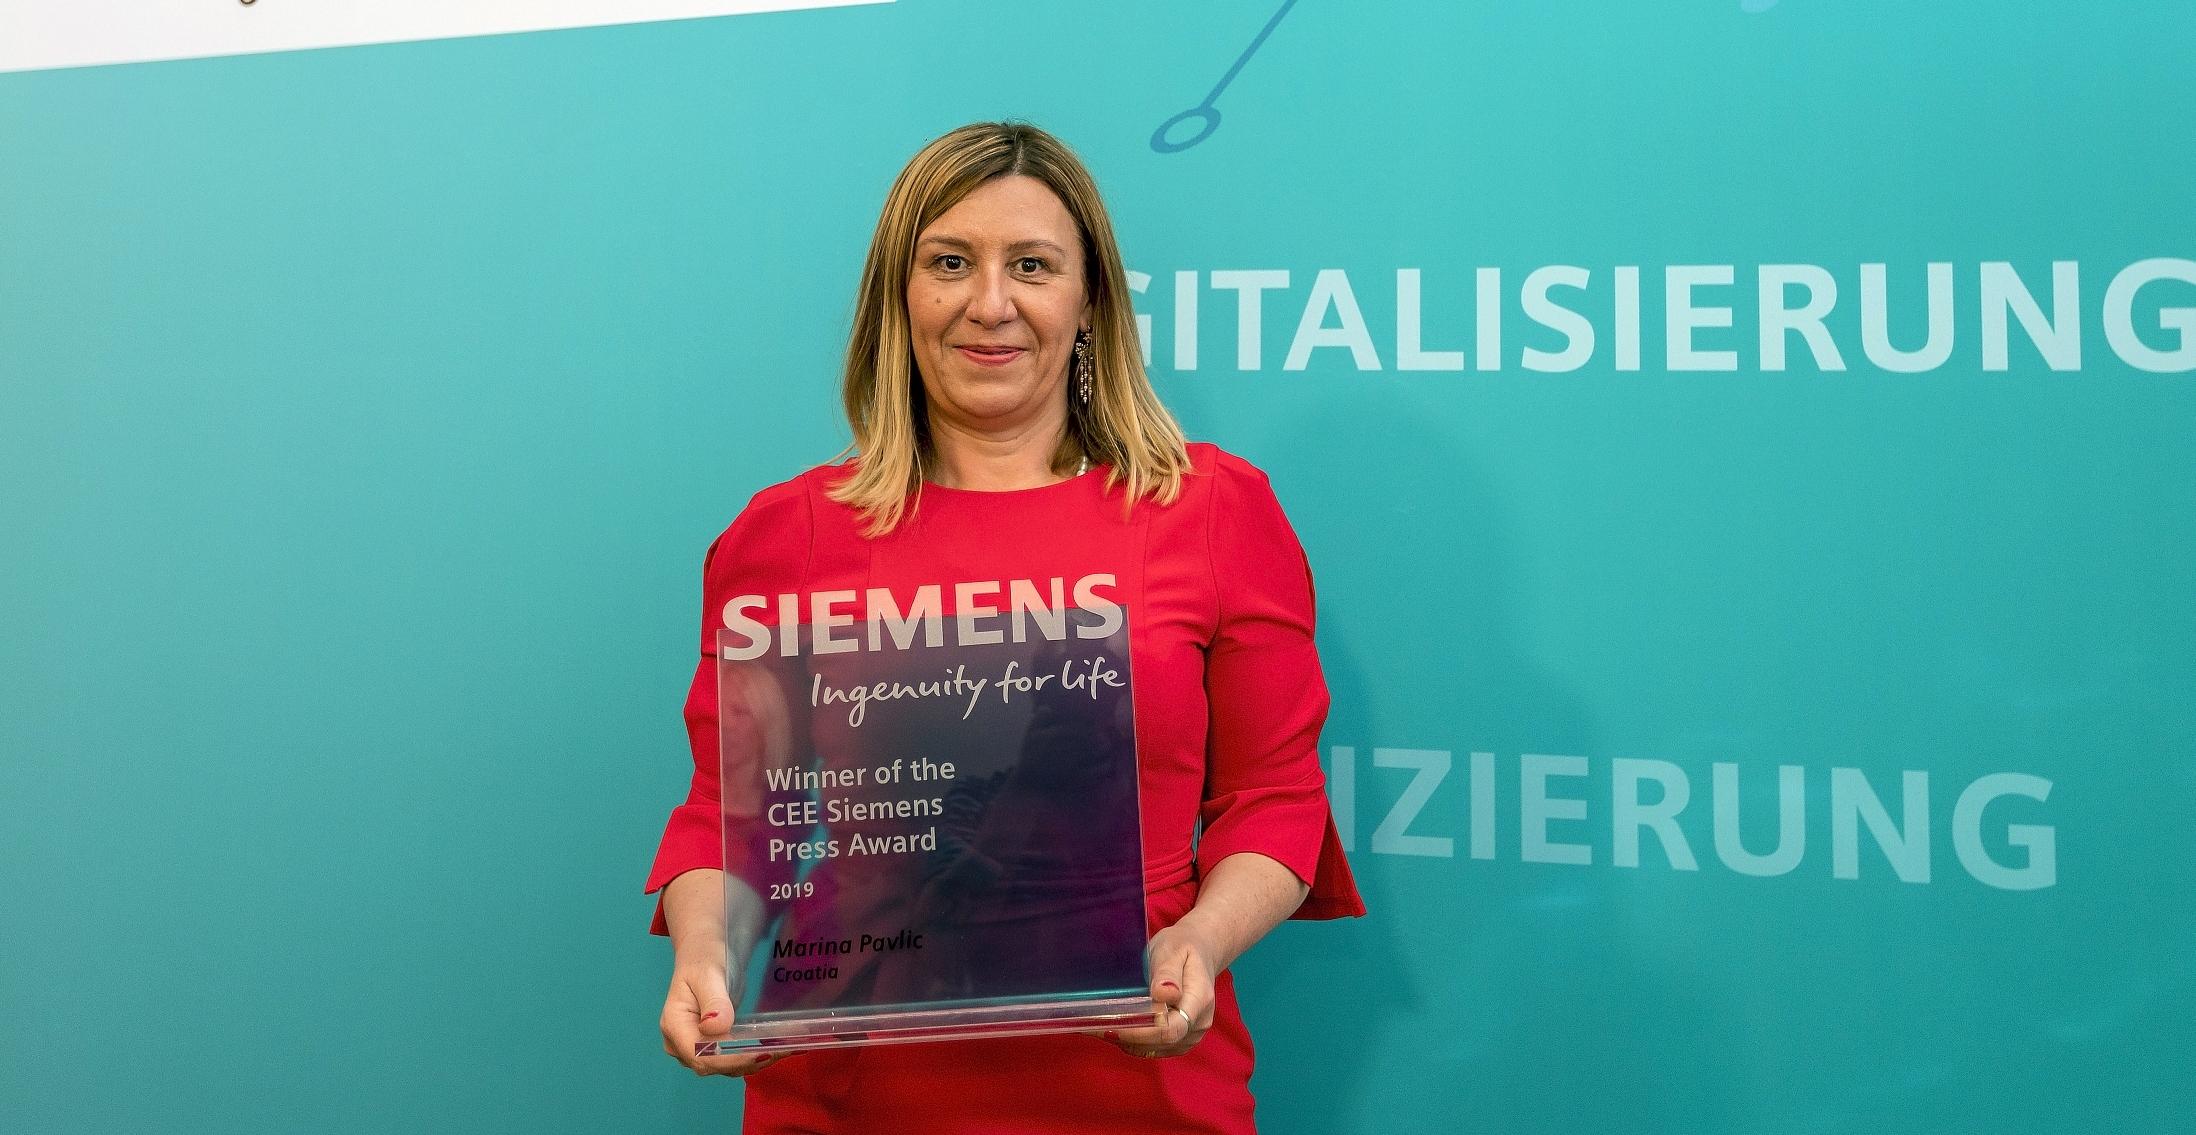 Još jedna nagrada: Siemens CEE Press Award za 2019.